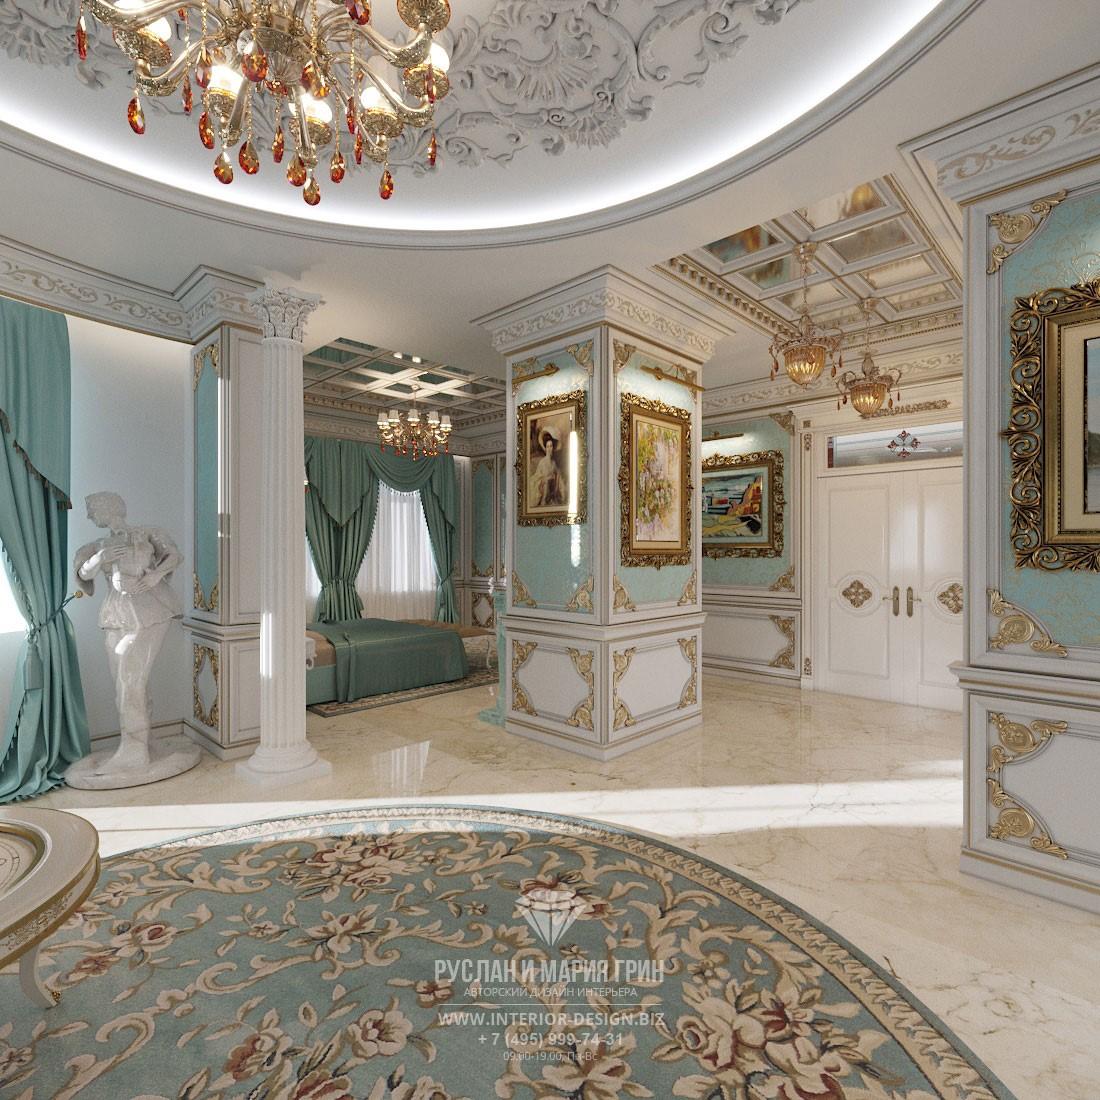 Интерьер элитного частного дома в классическом стиле – бирюзово-белая спальня